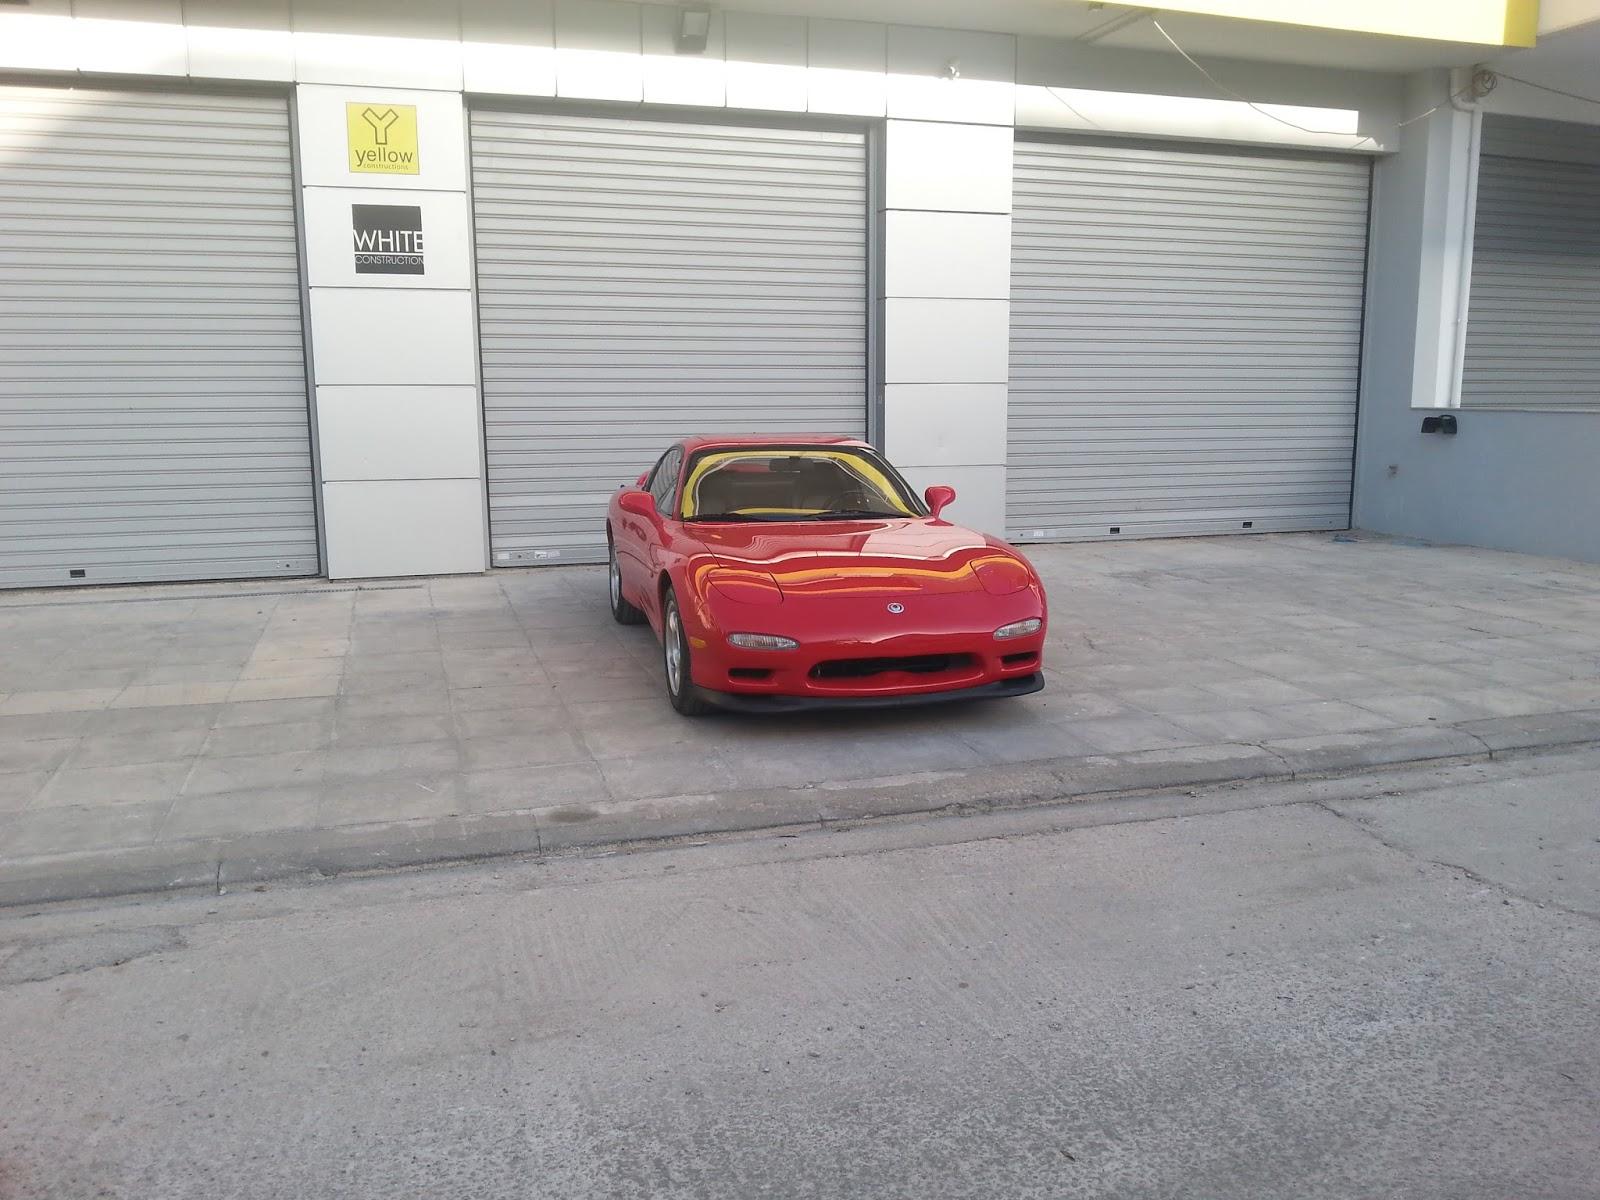 2 Όταν οδήγησα ένα καινούριο Mazda RX-7 Mazda, Mazda RX-7, TEST, zblog, αυτοκίνητα, ΔΟΚΙΜΕΣ, καινούρια, μεταχειρισμένα, οδηγούμε